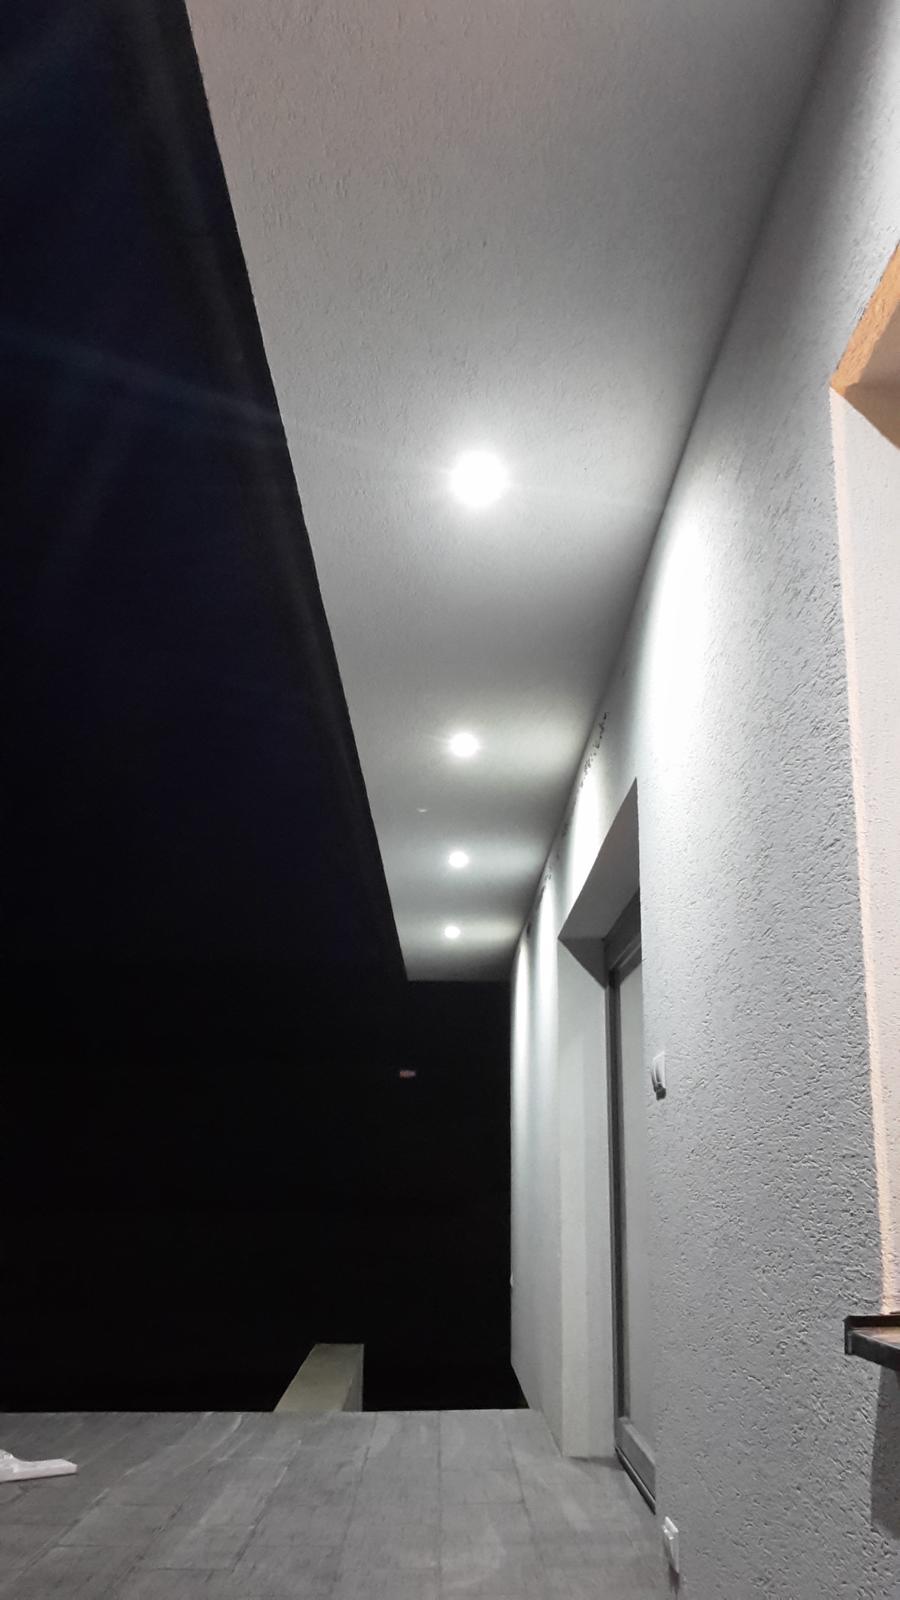 Led osvetlenie exteriér-interiér - Obrázok č. 2